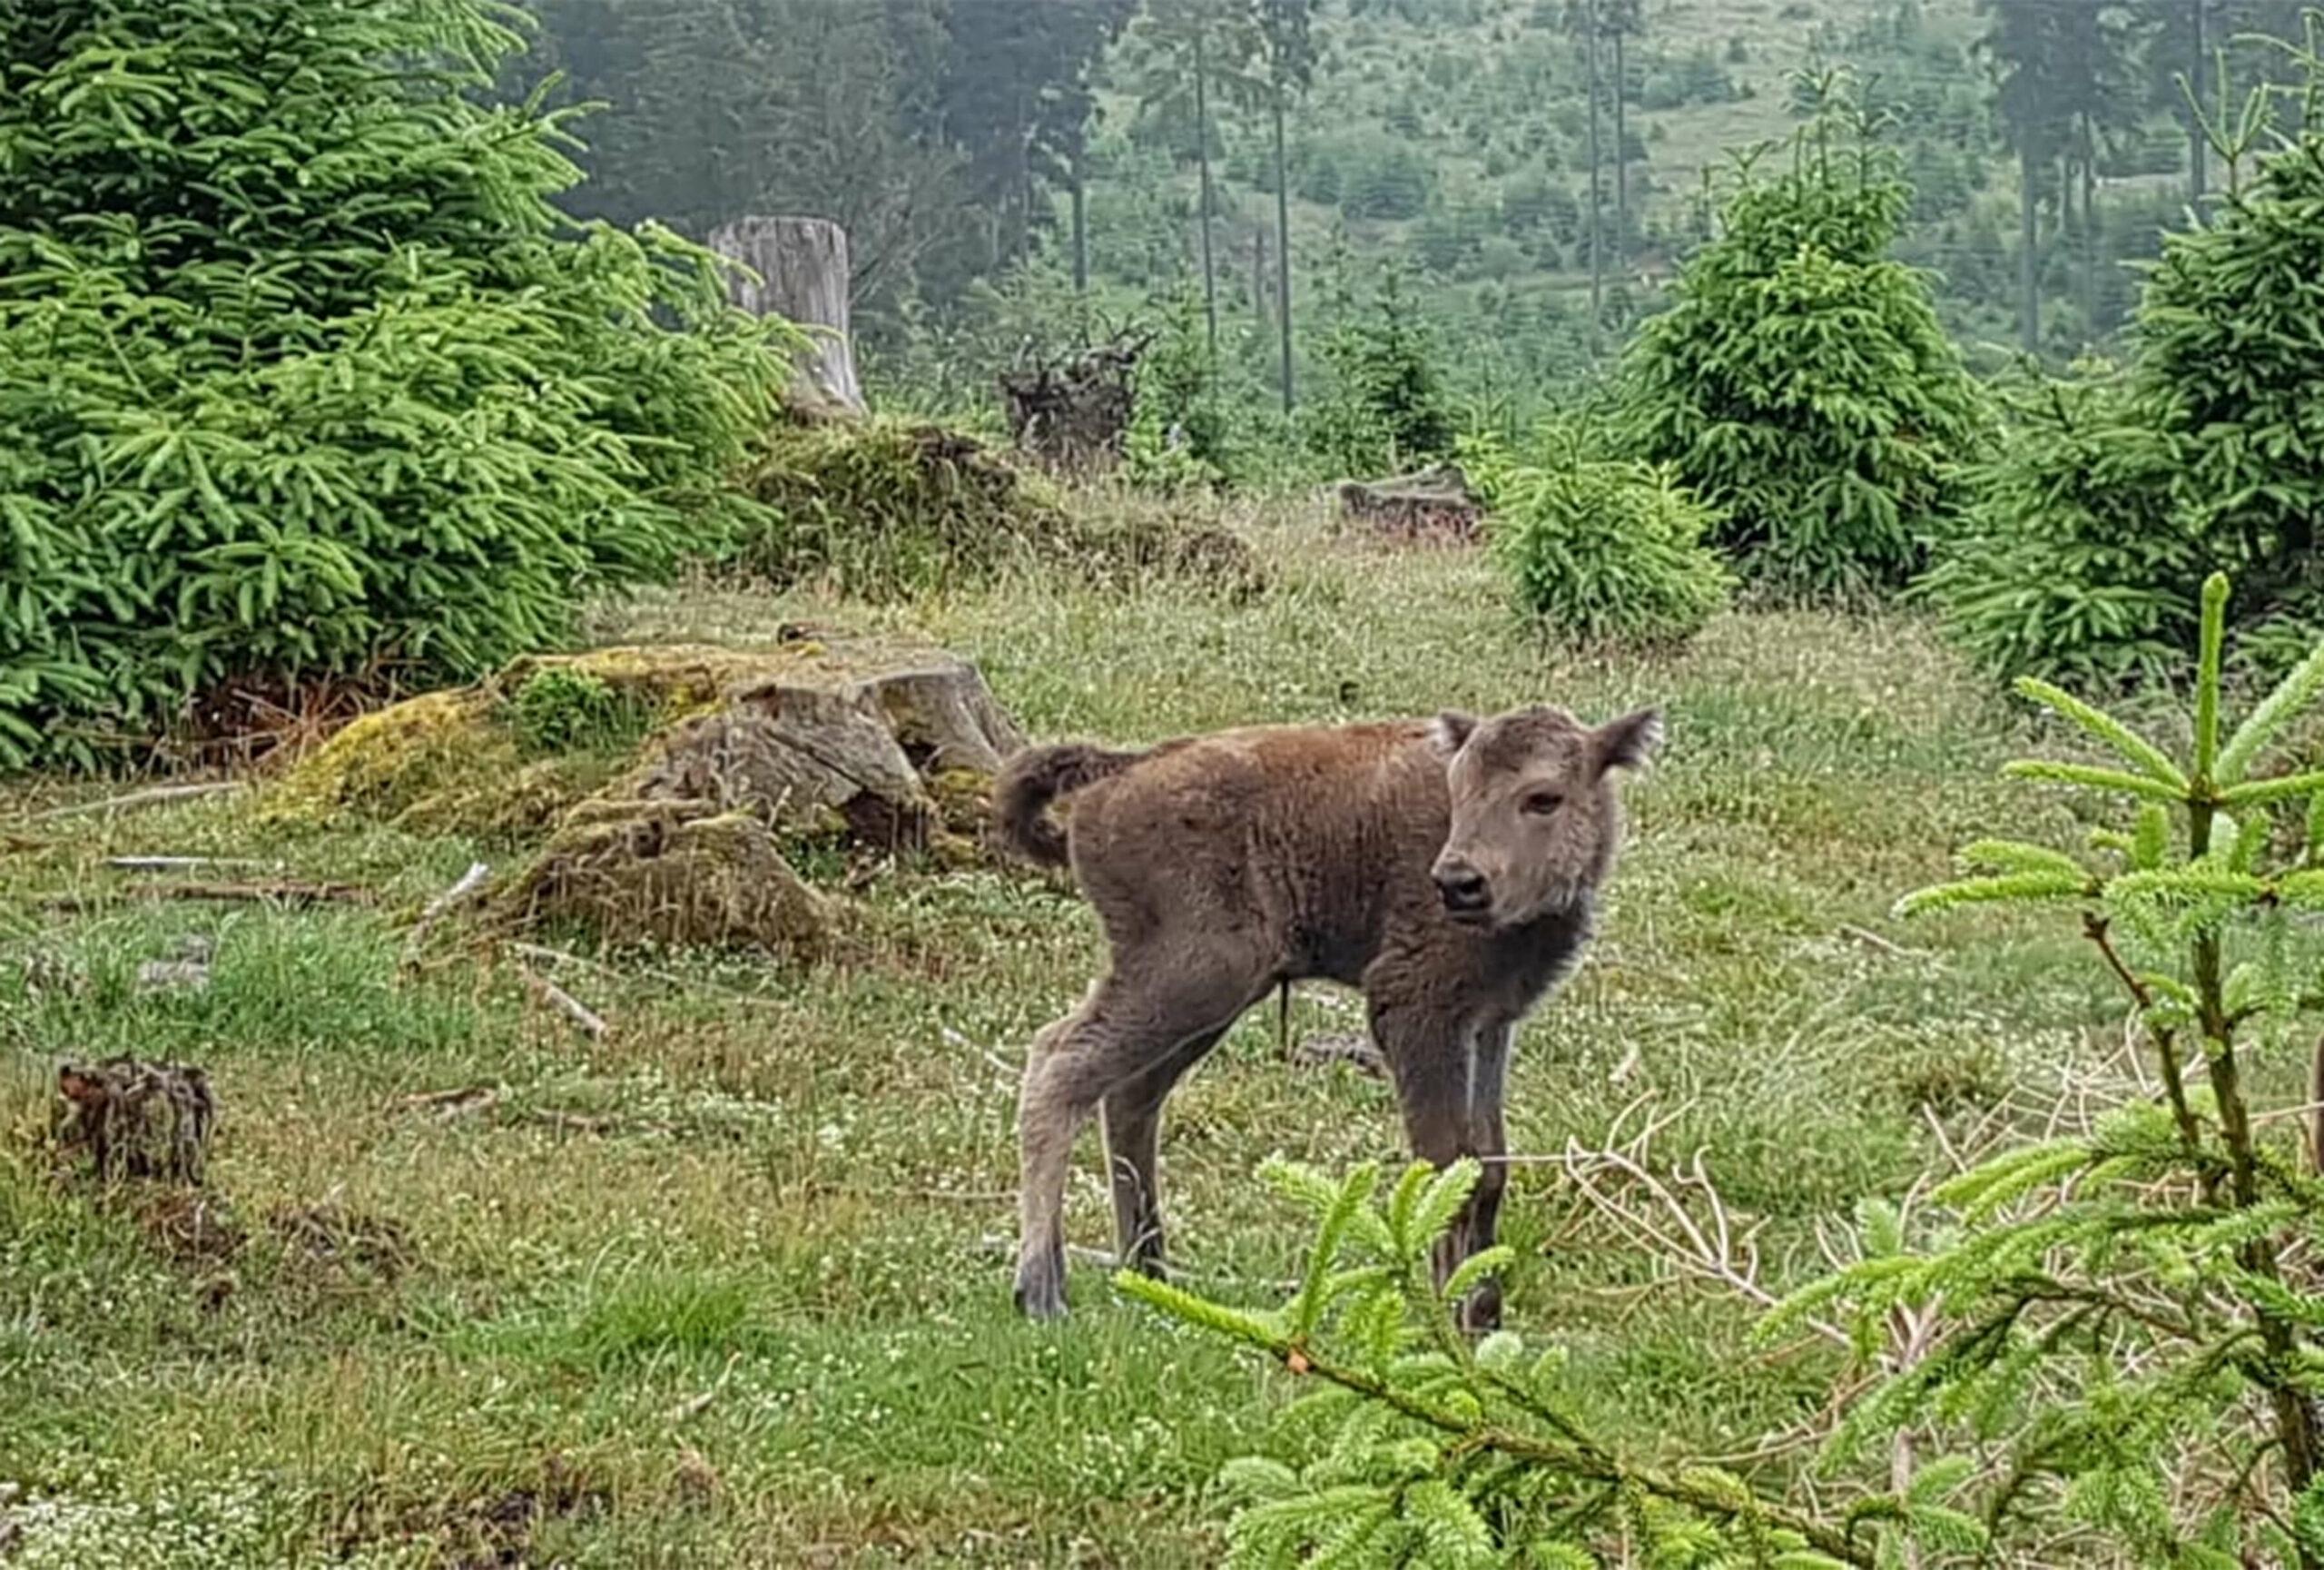 Das neue Kälbchen im Besucherareal Wisent-Wildnis am Rothaarsteig im Wald